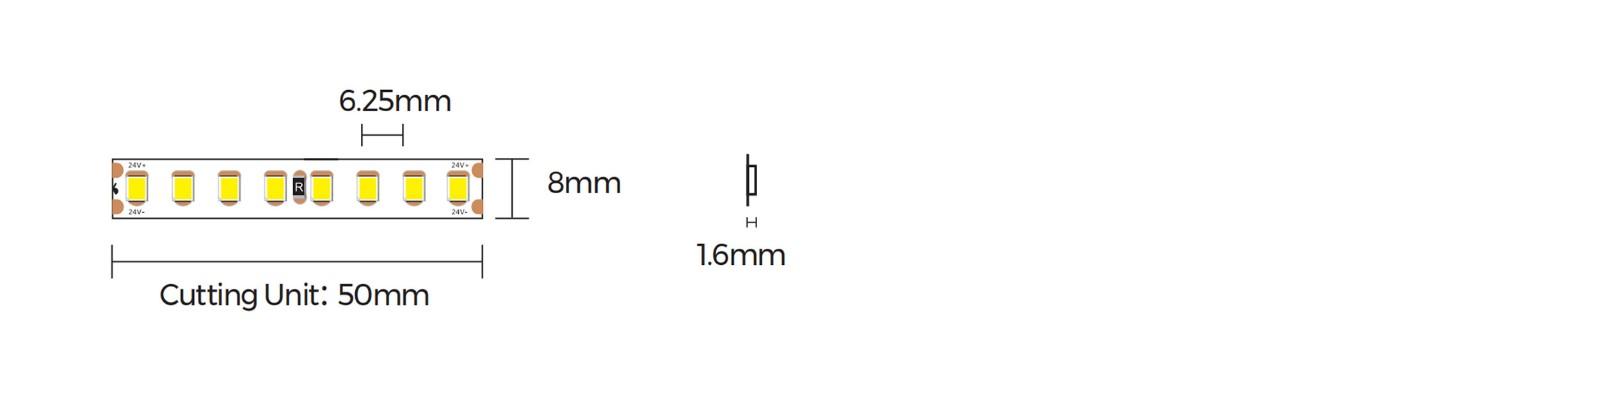 D864-24V-8mm